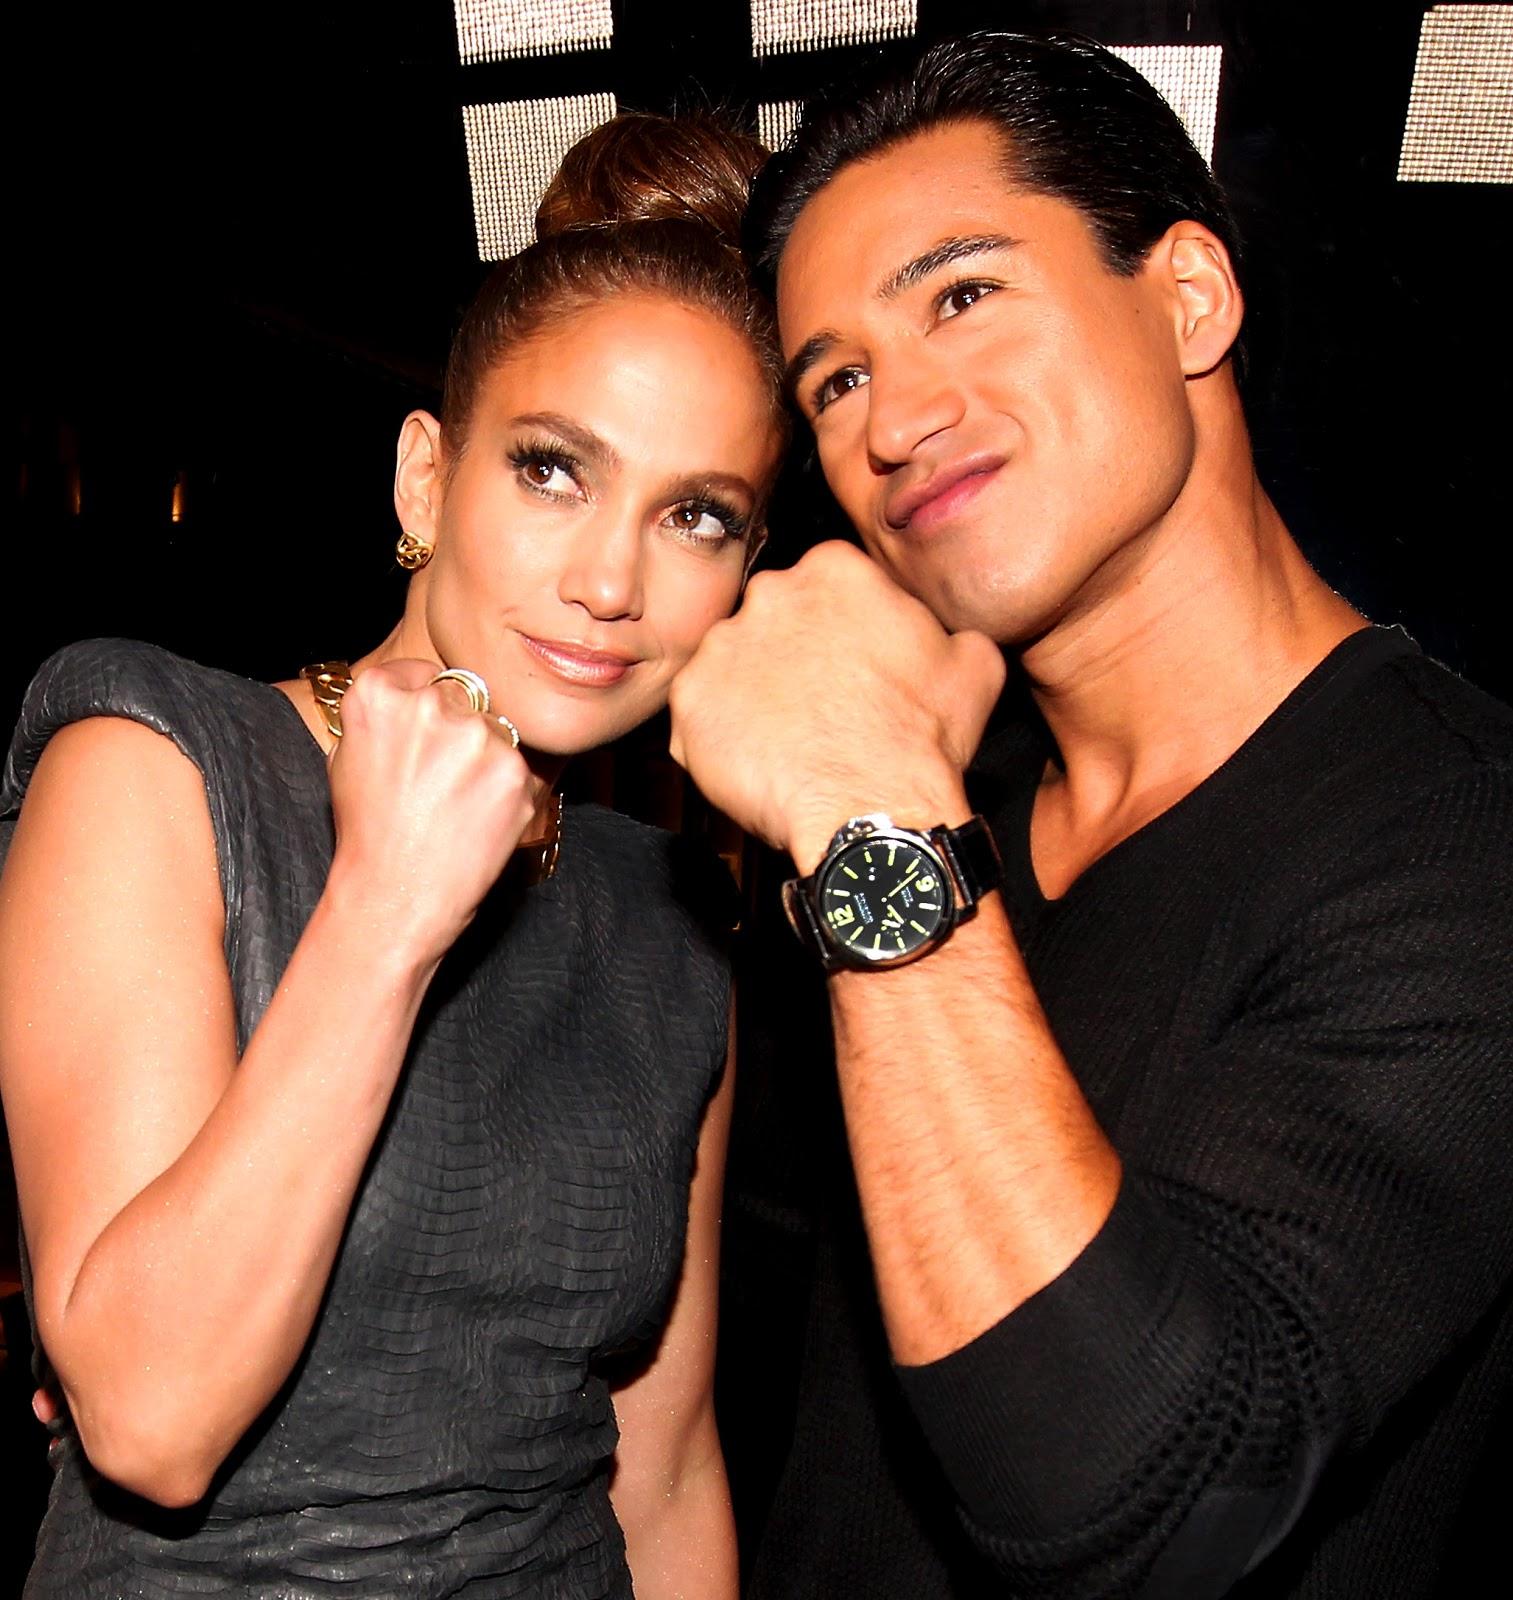 http://1.bp.blogspot.com/-vcelSgqQytc/UVfgazbjZoI/AAAAAAAAXWM/IJe7Bqq7BqI/s1600/Jennifer-Lopez-with-Mario-Lopez-.jpg